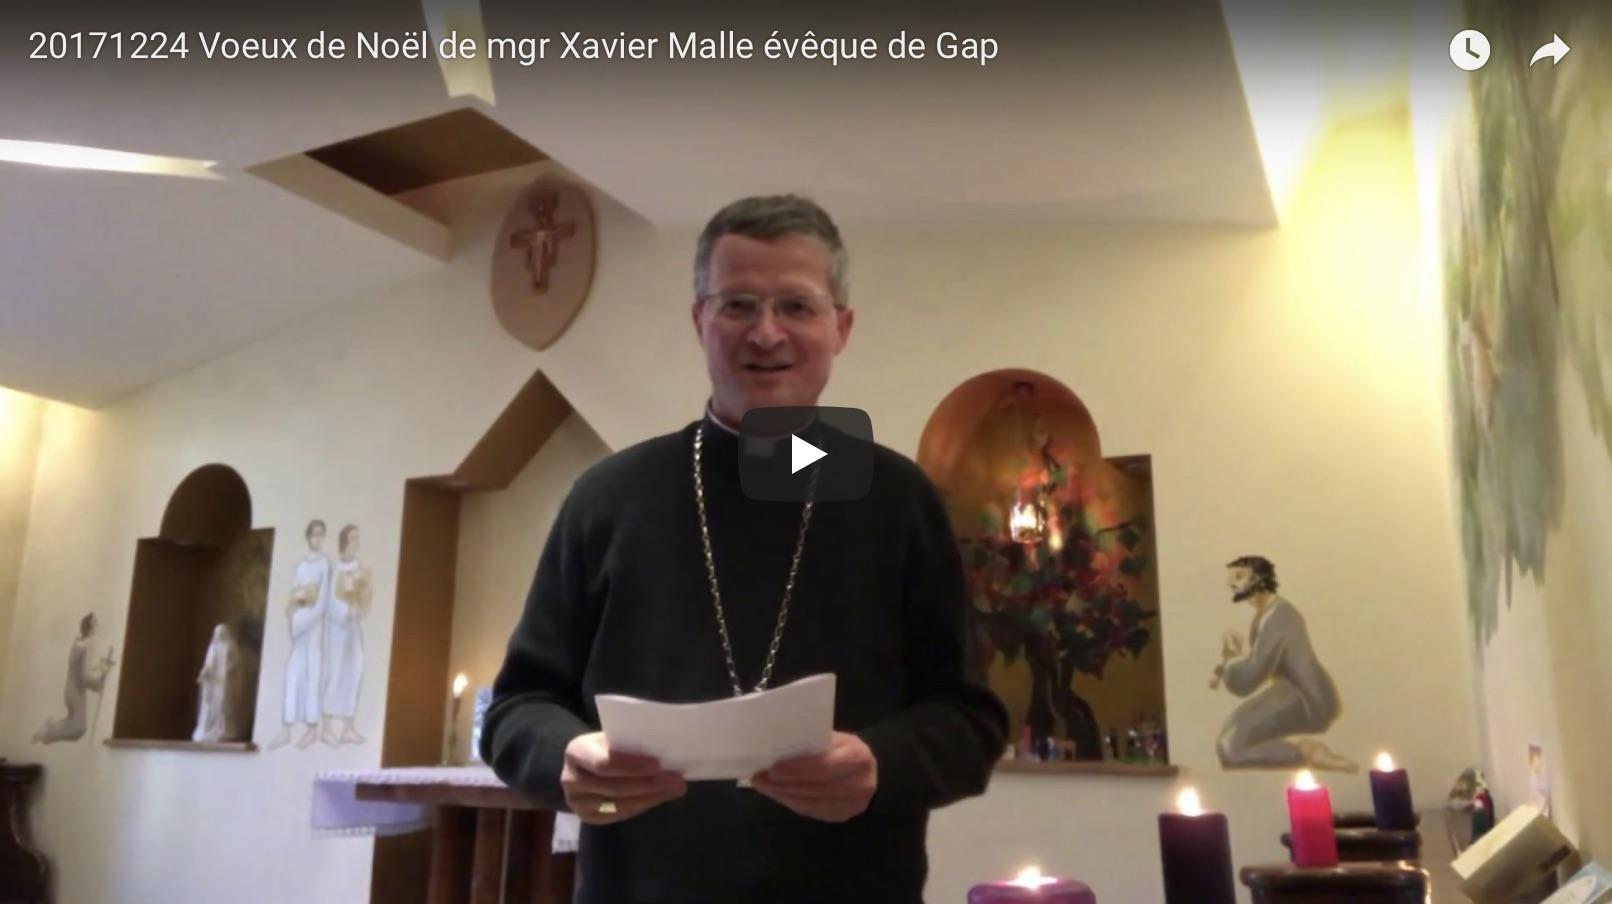 Les voeux de Noël de Mgr Xavier Malle